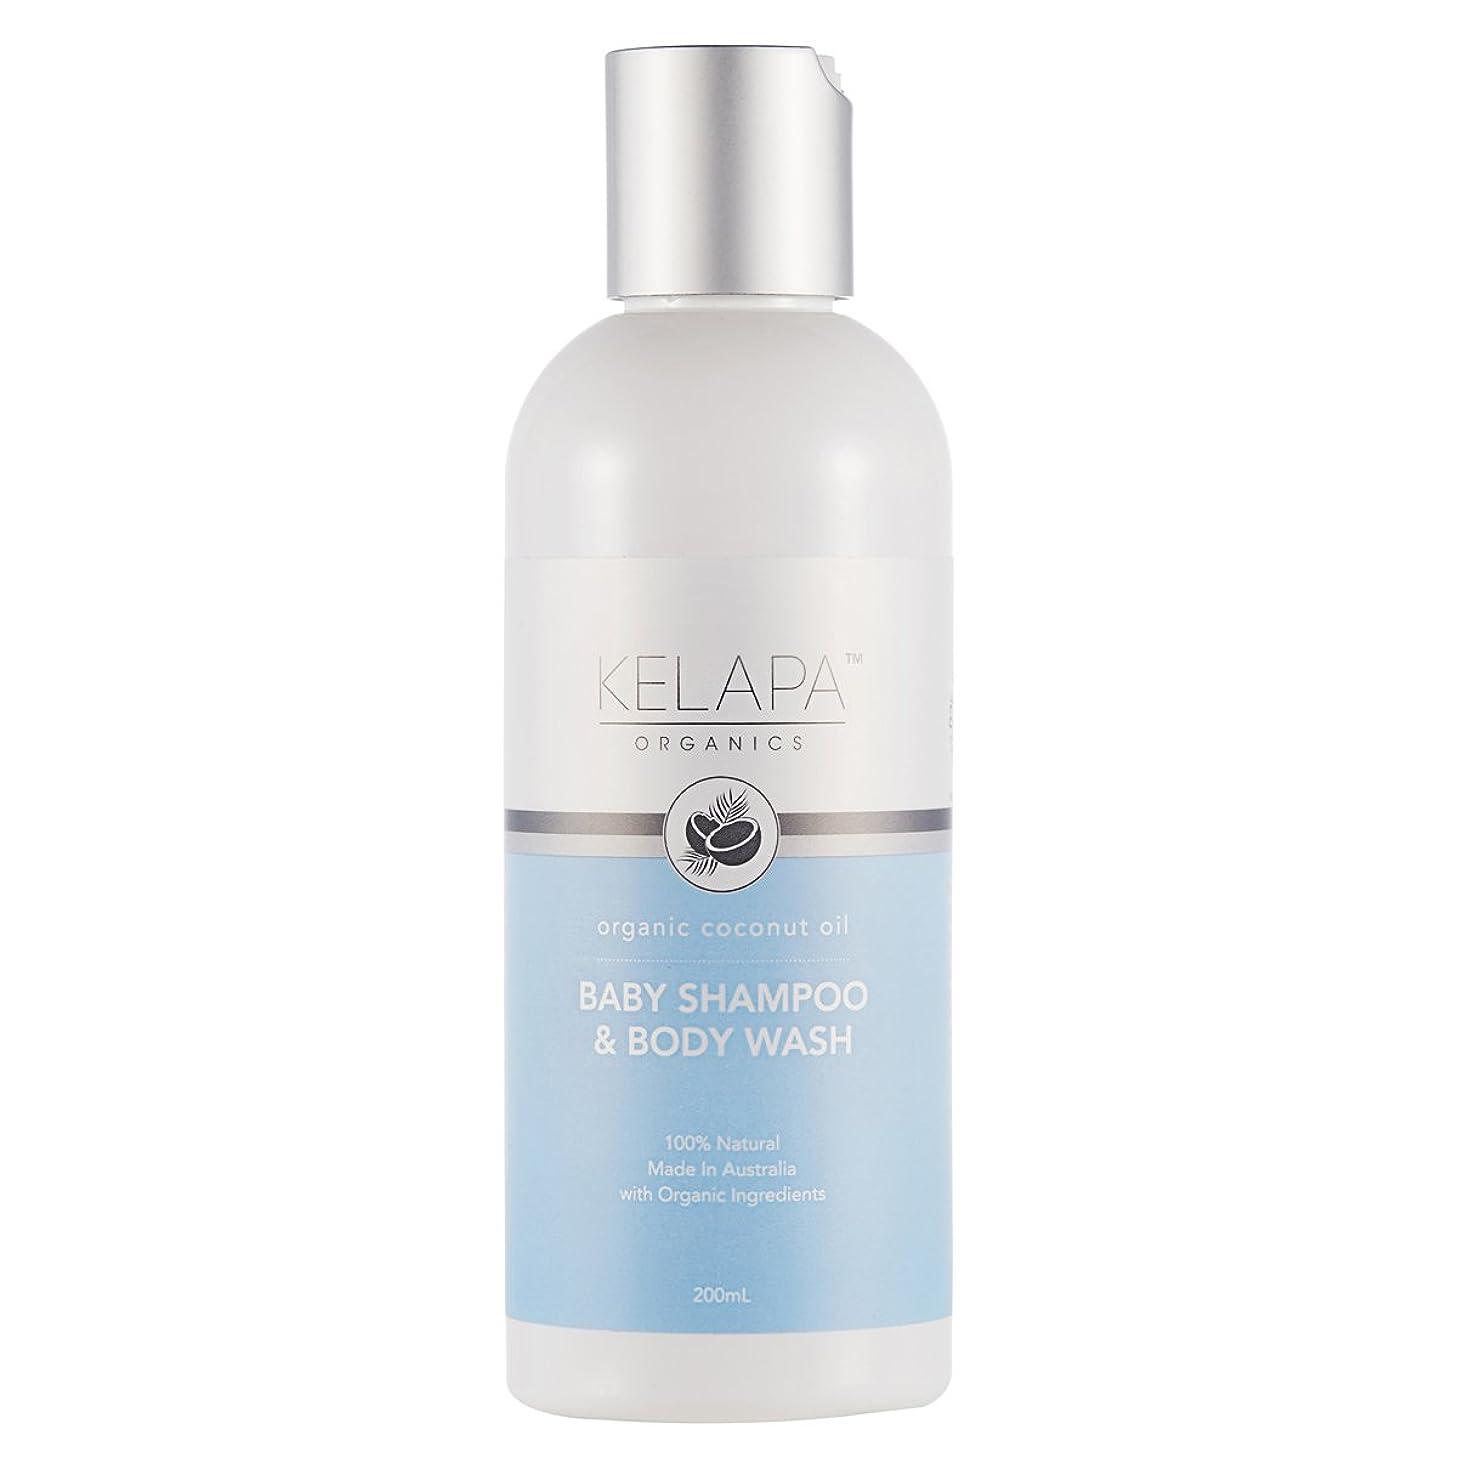 団結する少なくとも伝えるKelapa Organics Baby Shampoo & Body Wash ベイビーシャンプー&ボディウォッシュ 200ml